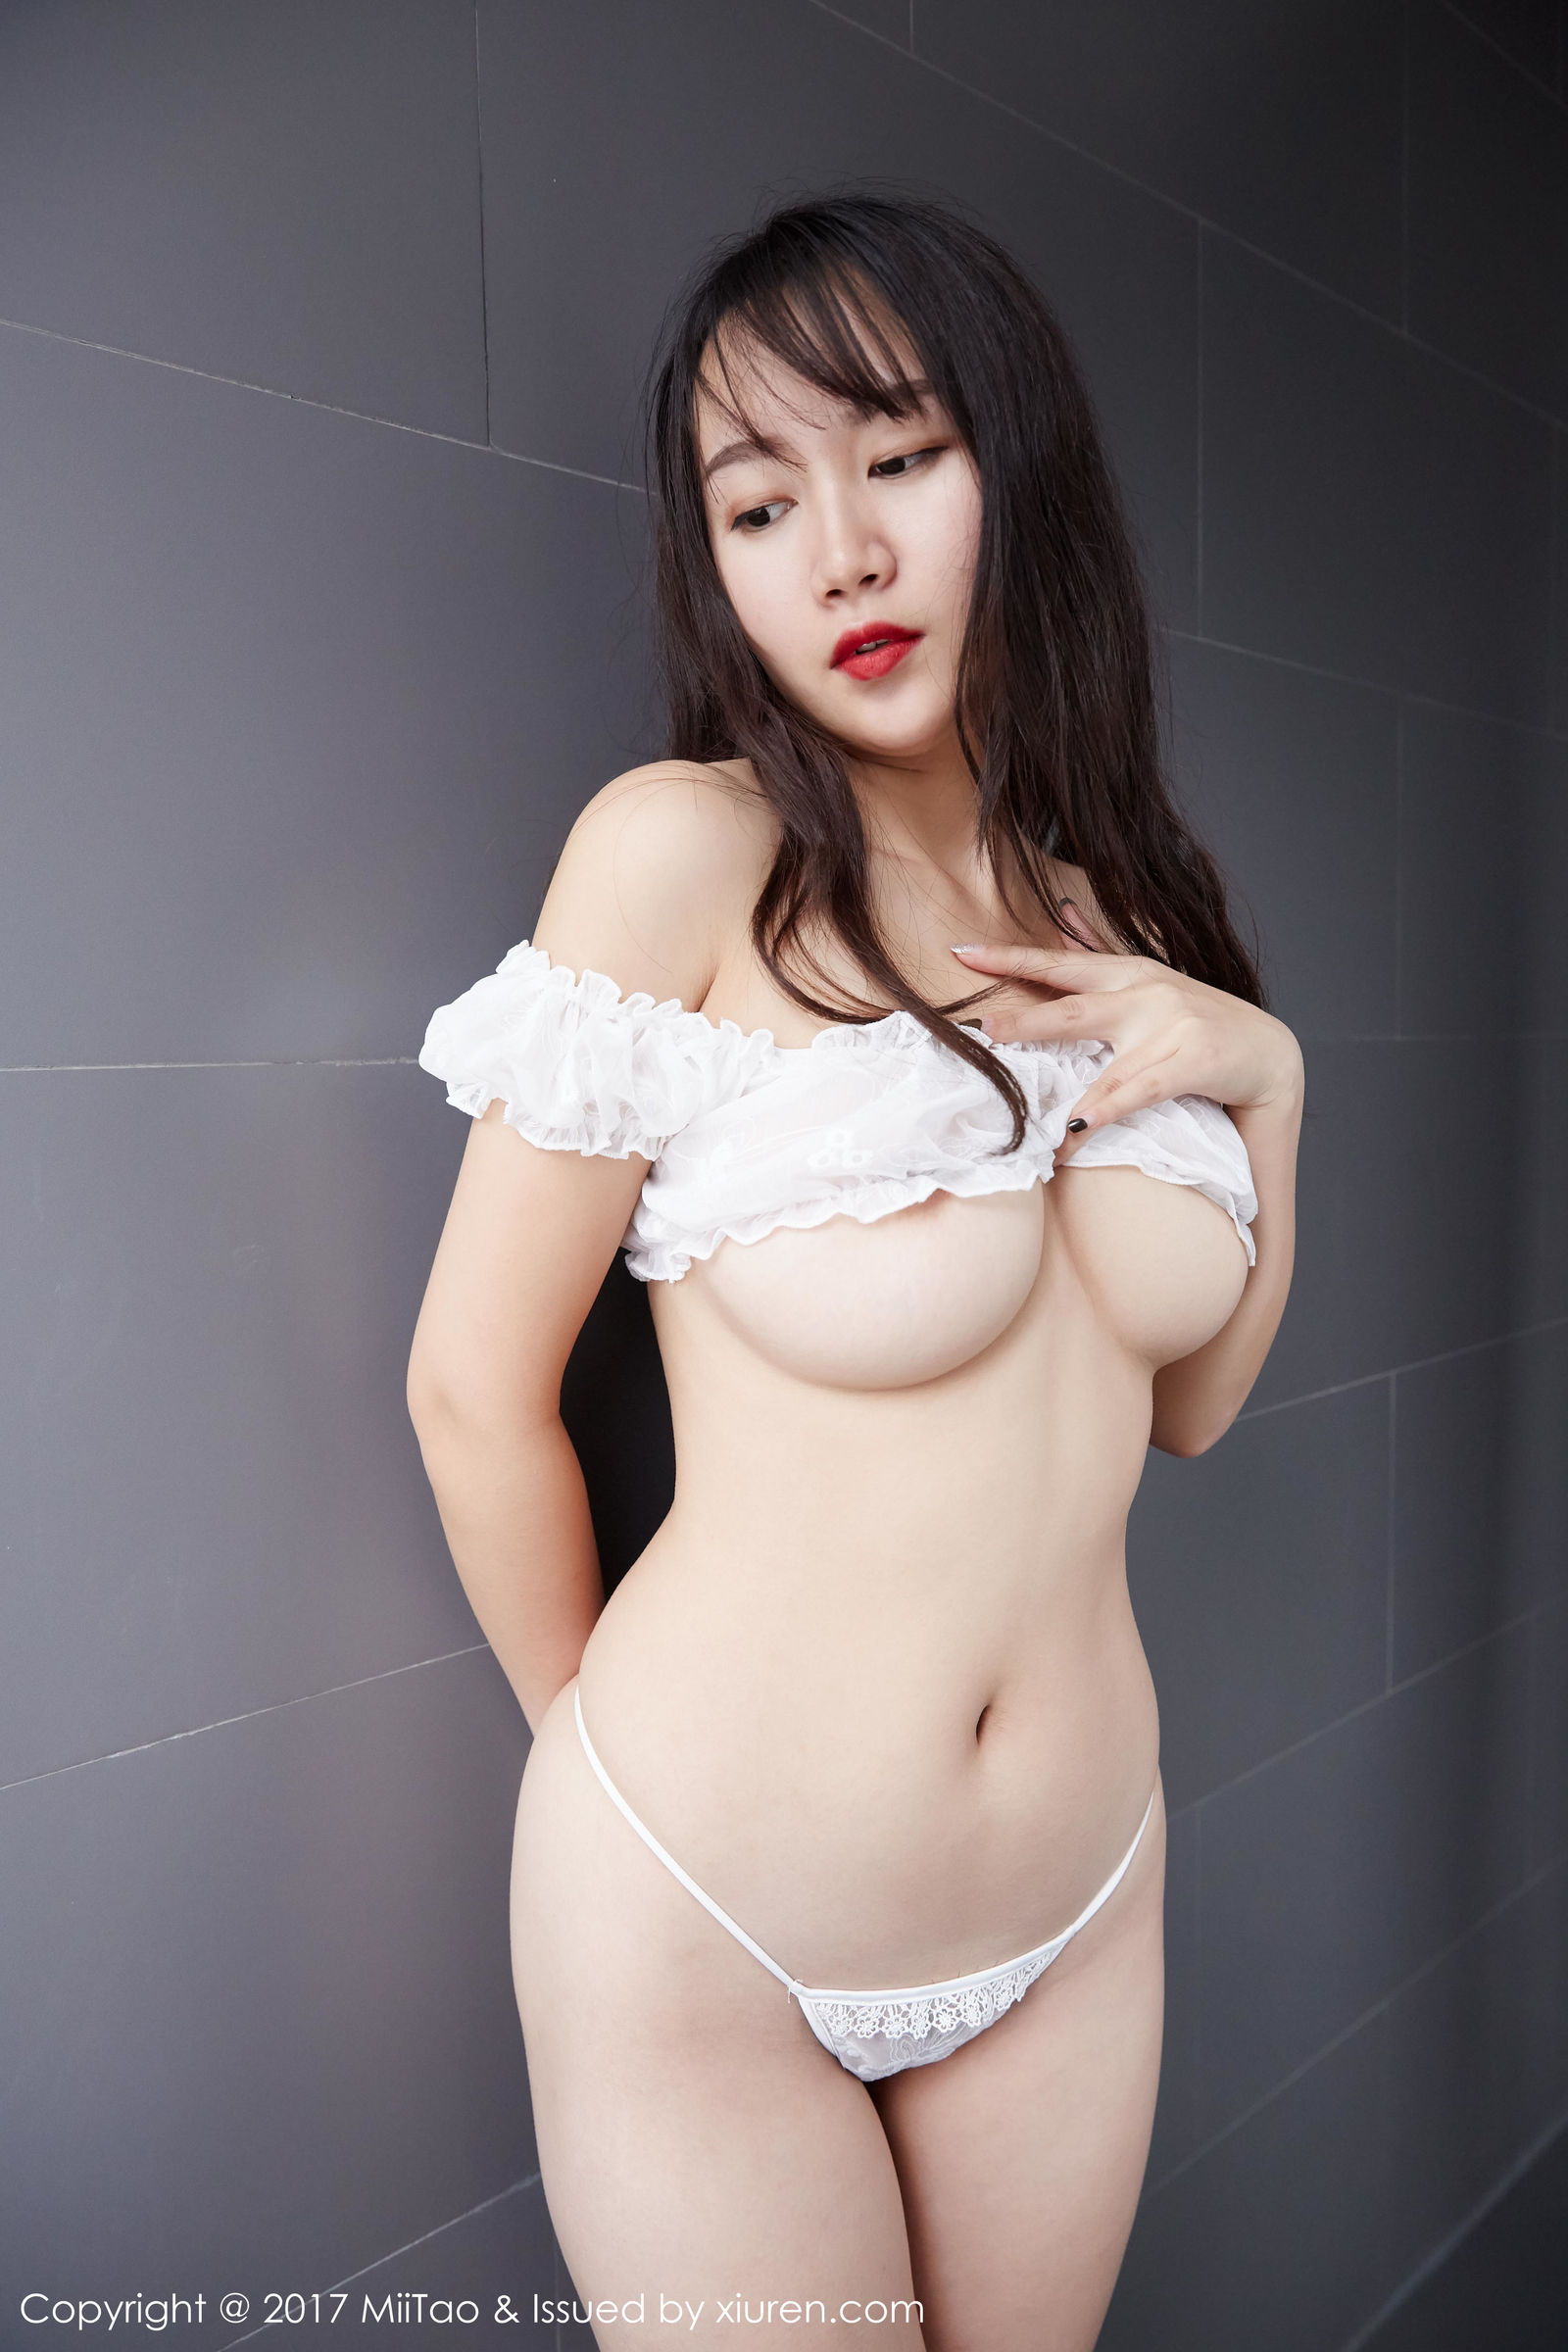 雯丽 - 前凸后翘的风韵纯天然美女